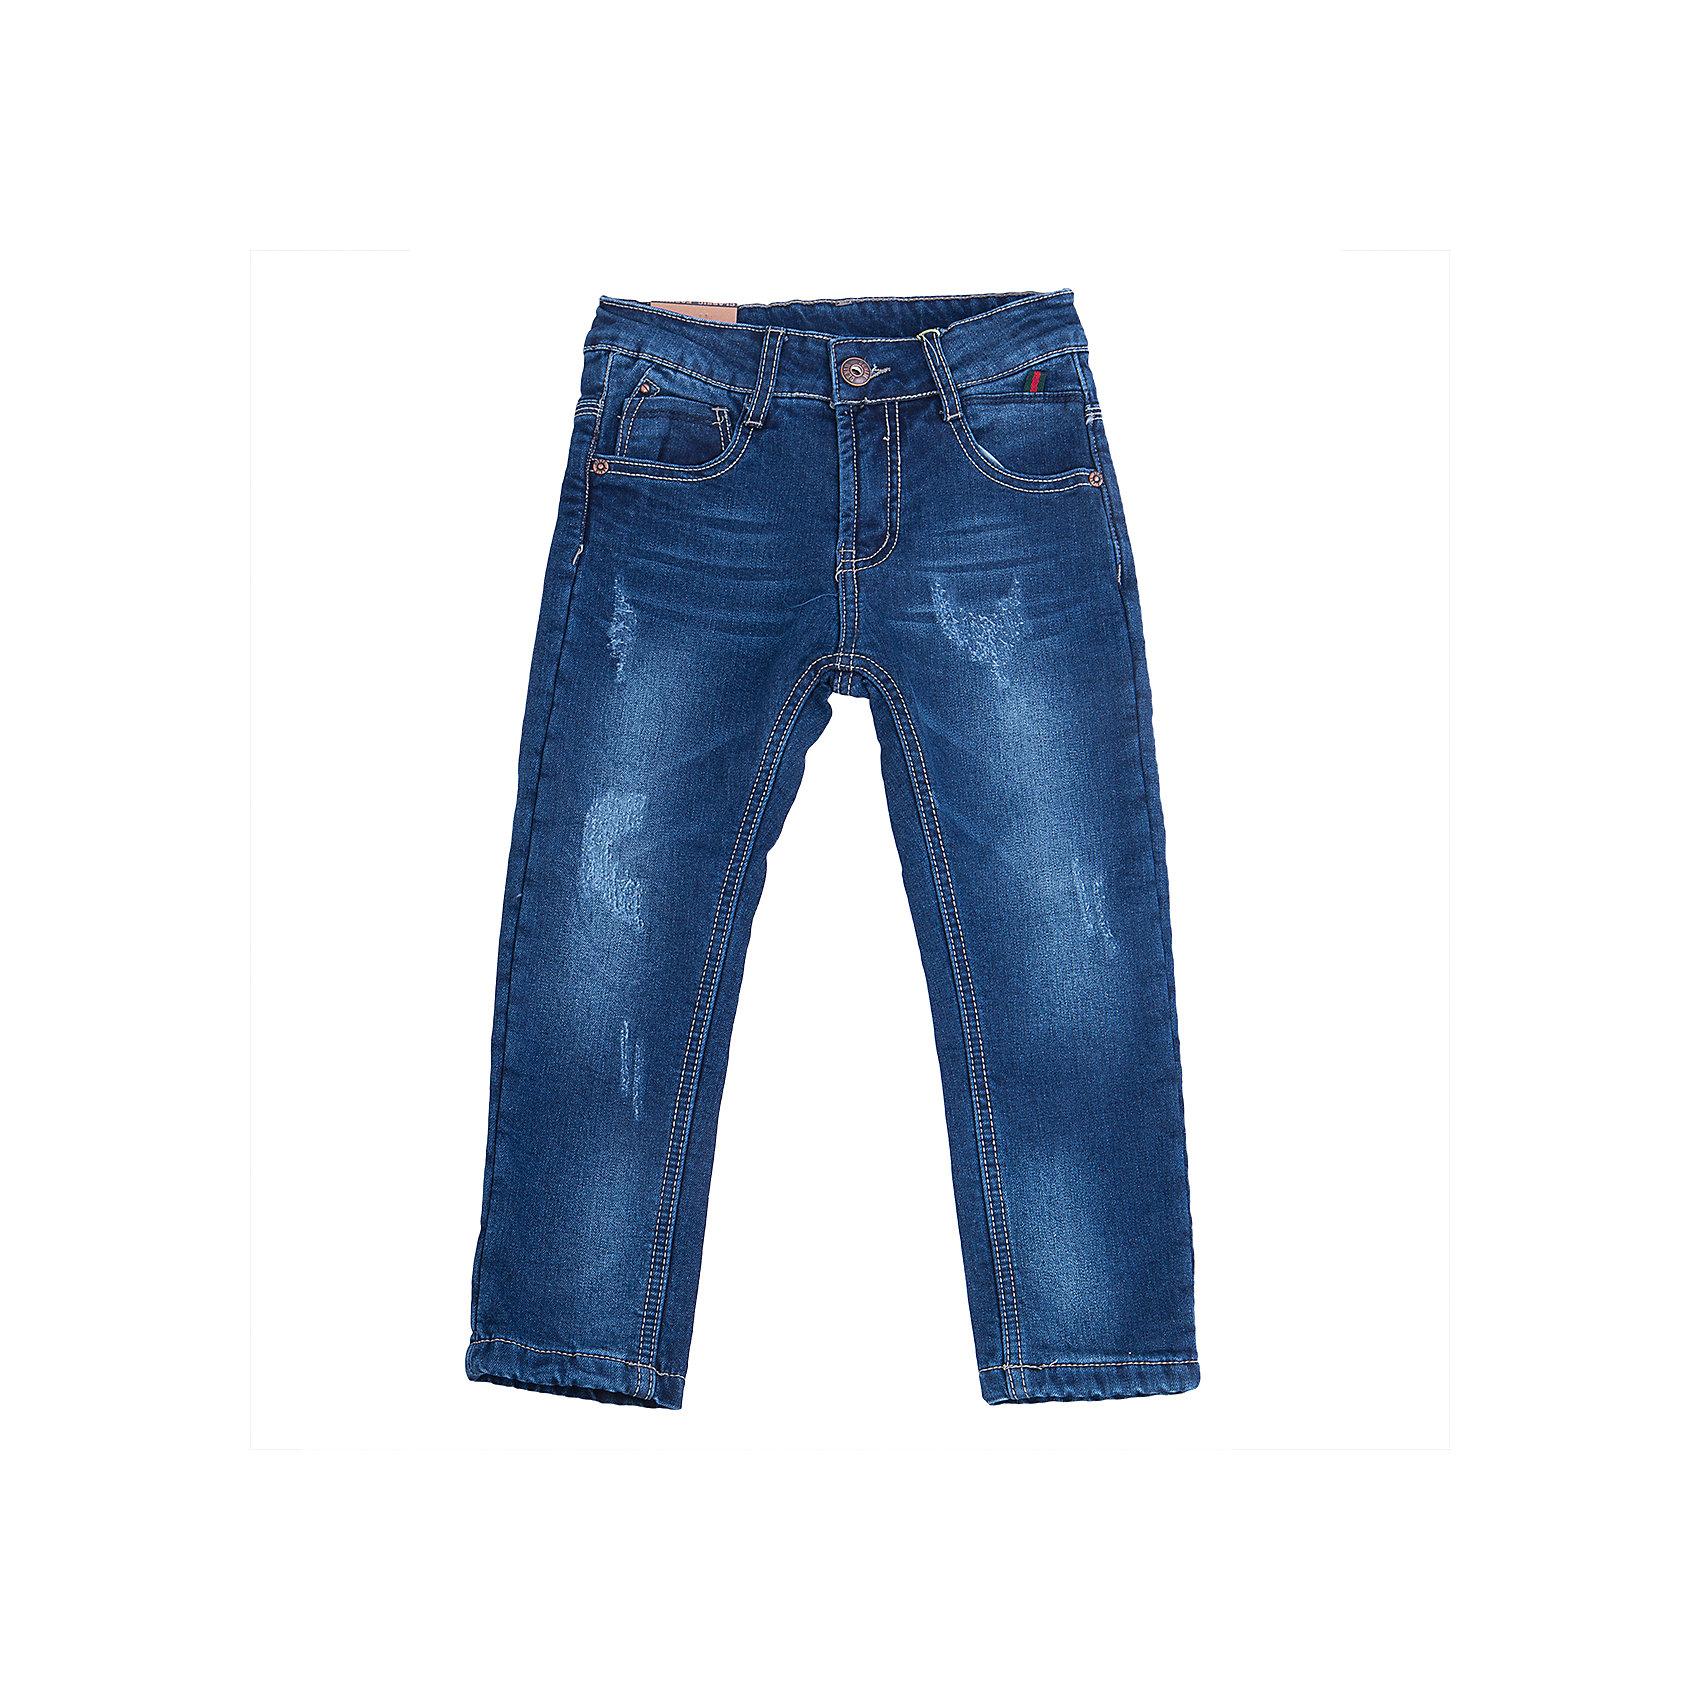 Джинсы для мальчика Sweet BerryДжинсовая одежда<br>Такая модель джинсов для мальчика отличается модным дизайном с контрастной прострочкой. Удачный крой обеспечит ребенку комфорт и тепло. Мягкая и теплая хлопковая подкладка делает вещь идеальной для прохладной погоды. Она плотно прилегает к телу там, где нужно, и отлично сидит по фигуре. Джинсы имеют регулировку размера на талии и удобные карманы.<br>Одежда от бренда Sweet Berry - это простой и выгодный способ одеть ребенка удобно и стильно. Всё изделия тщательно проработаны: швы - прочные, материал - качественный, фурнитура - подобранная специально для детей. <br><br>Дополнительная информация:<br><br>цвет: синий;<br>имитация потертостей;<br>материал: верх - 98% хлопок, 2% эластан, подкладка - 100% полиэстер;<br>внутри на поясе - регулировка размера;<br>карманы.<br><br>Джинсы для мальчика от бренда Sweet Berry можно купить в нашем интернет-магазине.<br><br>Ширина мм: 215<br>Глубина мм: 88<br>Высота мм: 191<br>Вес г: 336<br>Цвет: синий<br>Возраст от месяцев: 72<br>Возраст до месяцев: 84<br>Пол: Мужской<br>Возраст: Детский<br>Размер: 122,128,98,116,104,110<br>SKU: 4930037